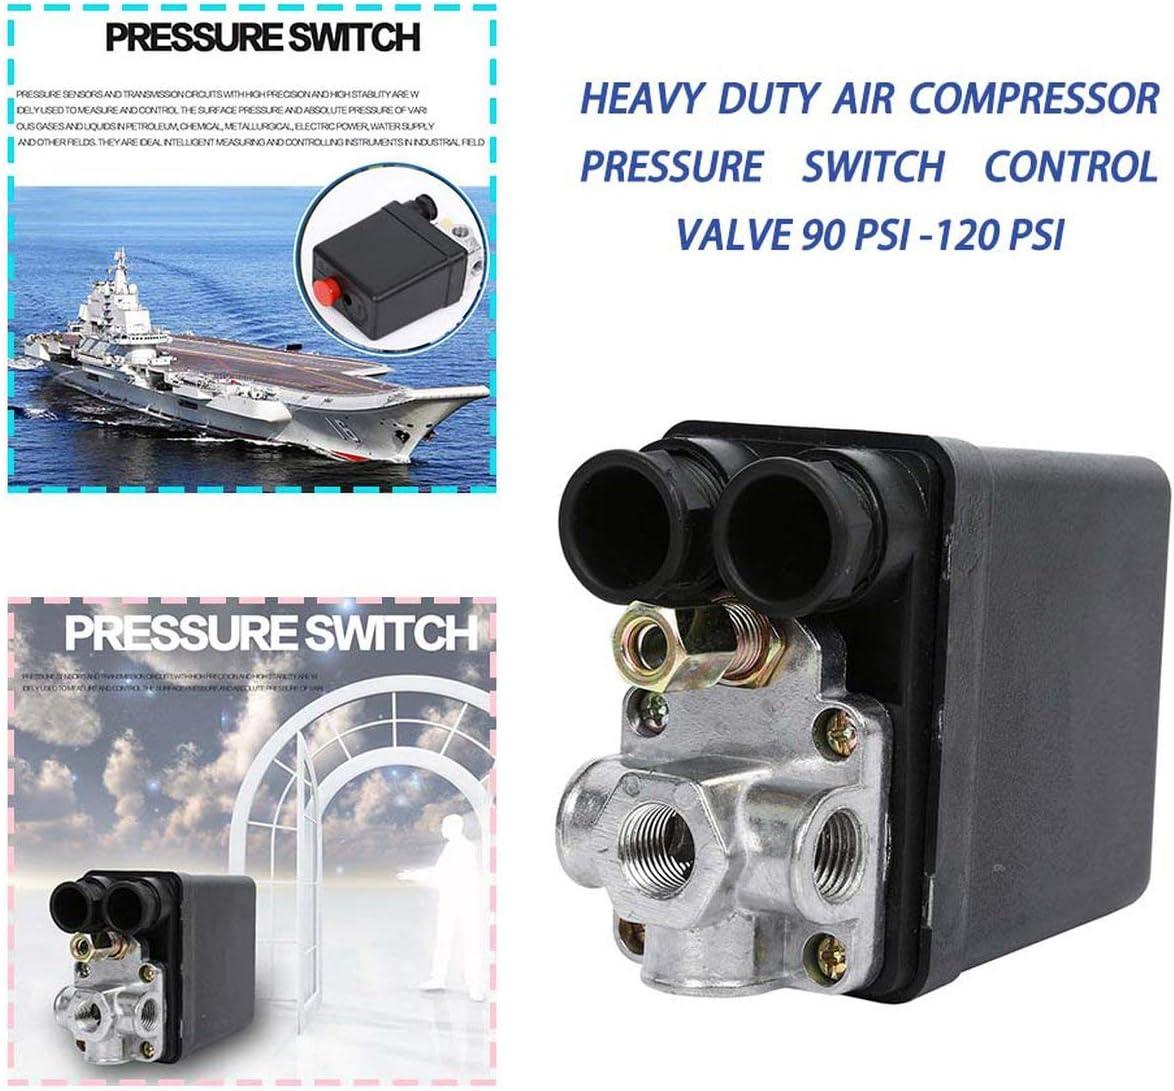 JIUY Heavy Duty 240V 16A Auto Control automatique de chargement//d/échargement de compresseur dair Pressostat Vanne de r/égulation 90 PSI noir 120 PSI